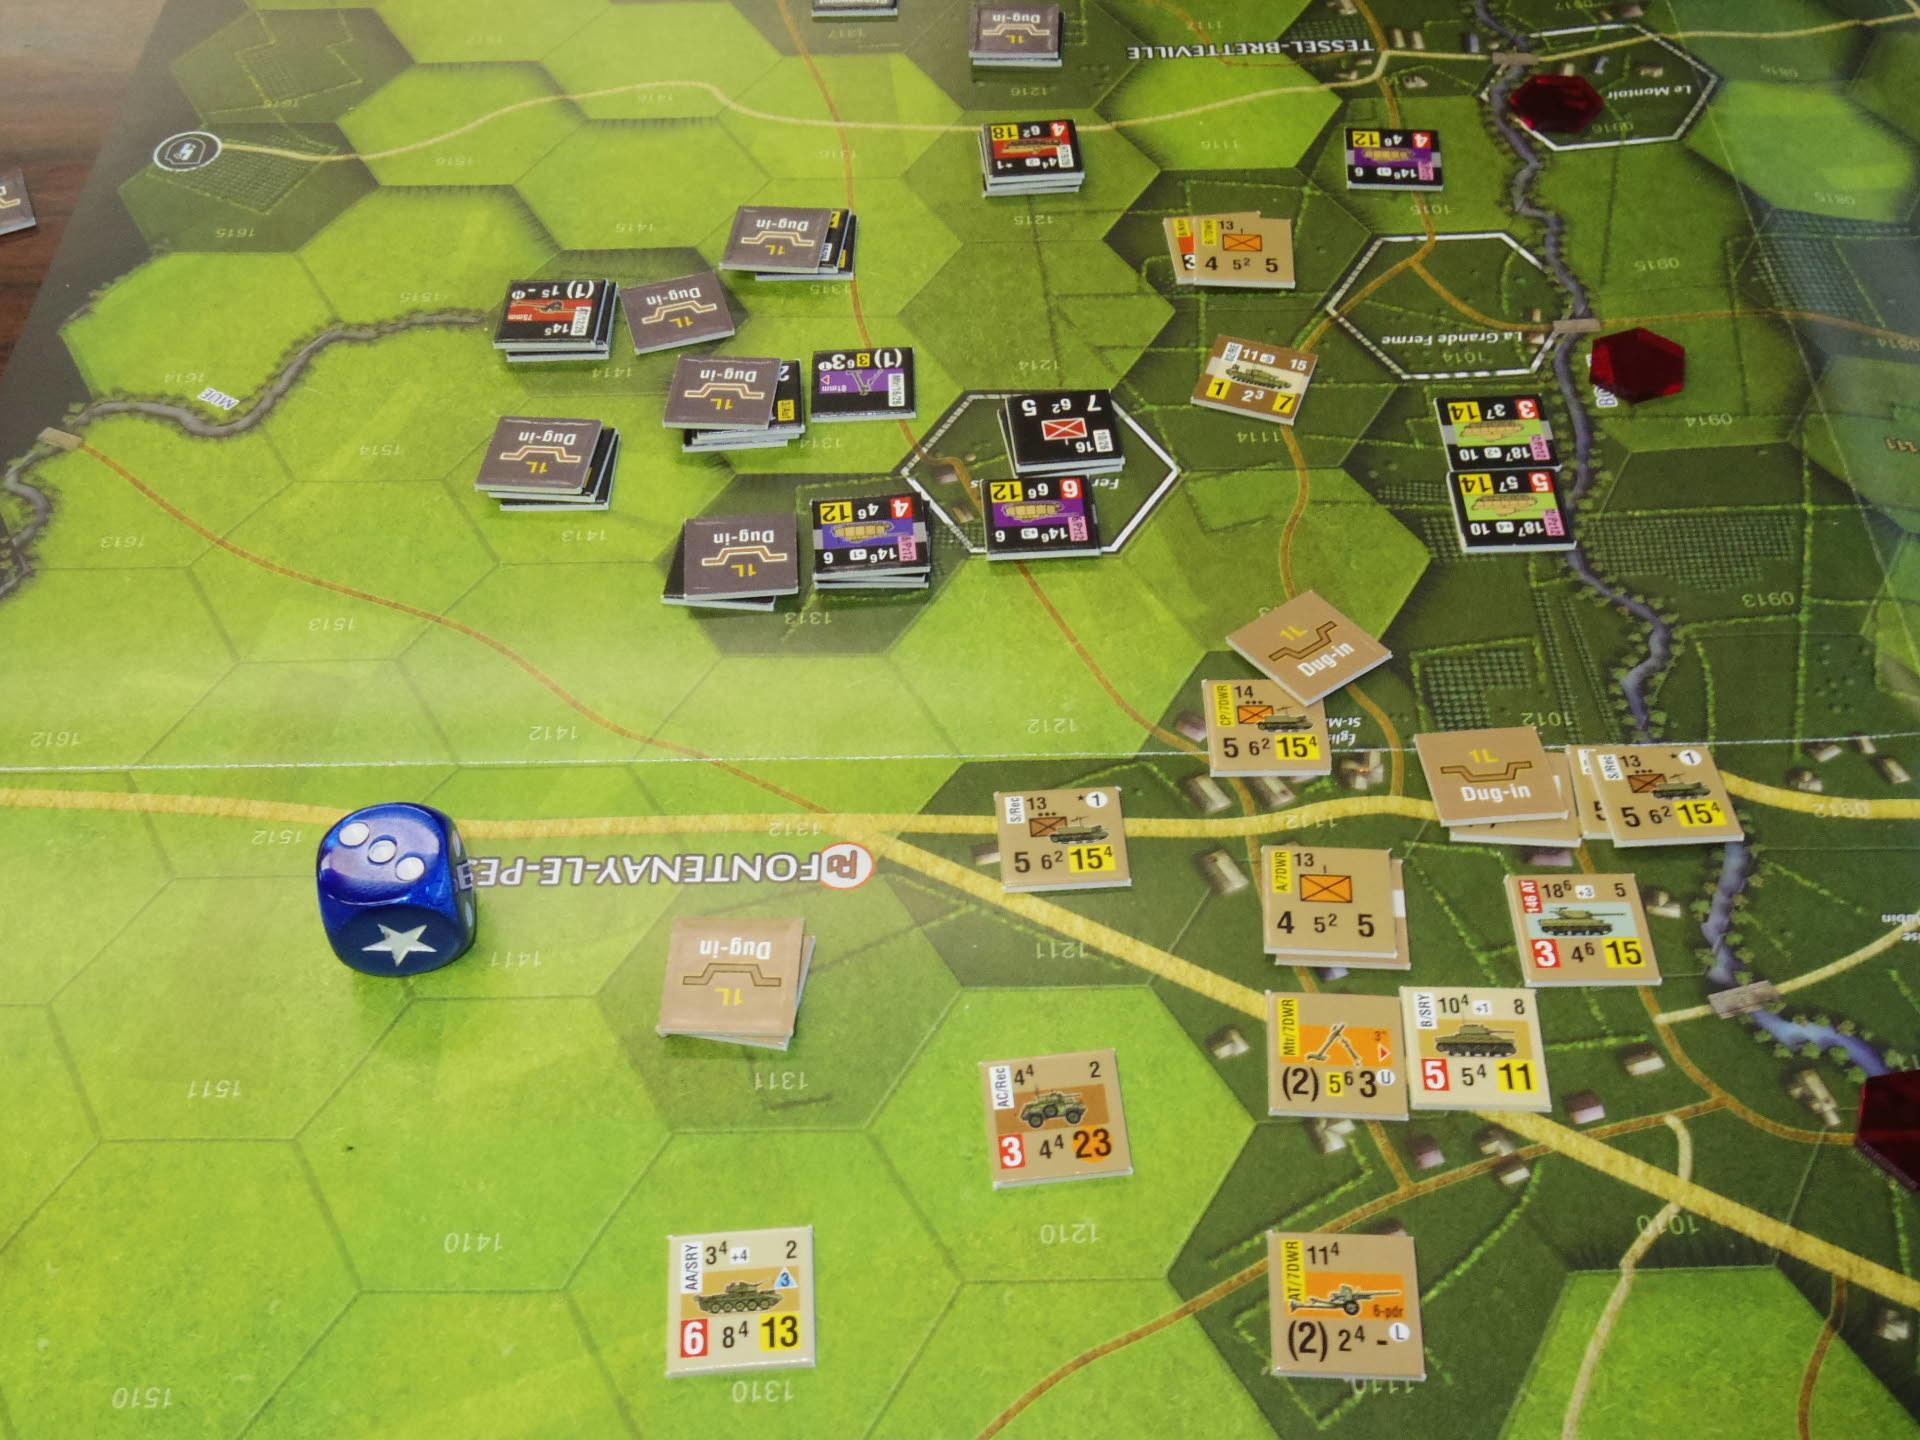 なんやかんや今期一番だったかもしれん・・オペ・ドン➊シナリオ18.T11『Breakthrough』          18.14『Battle for La Ferme St.Nicolas』_b0173672_19450820.jpg